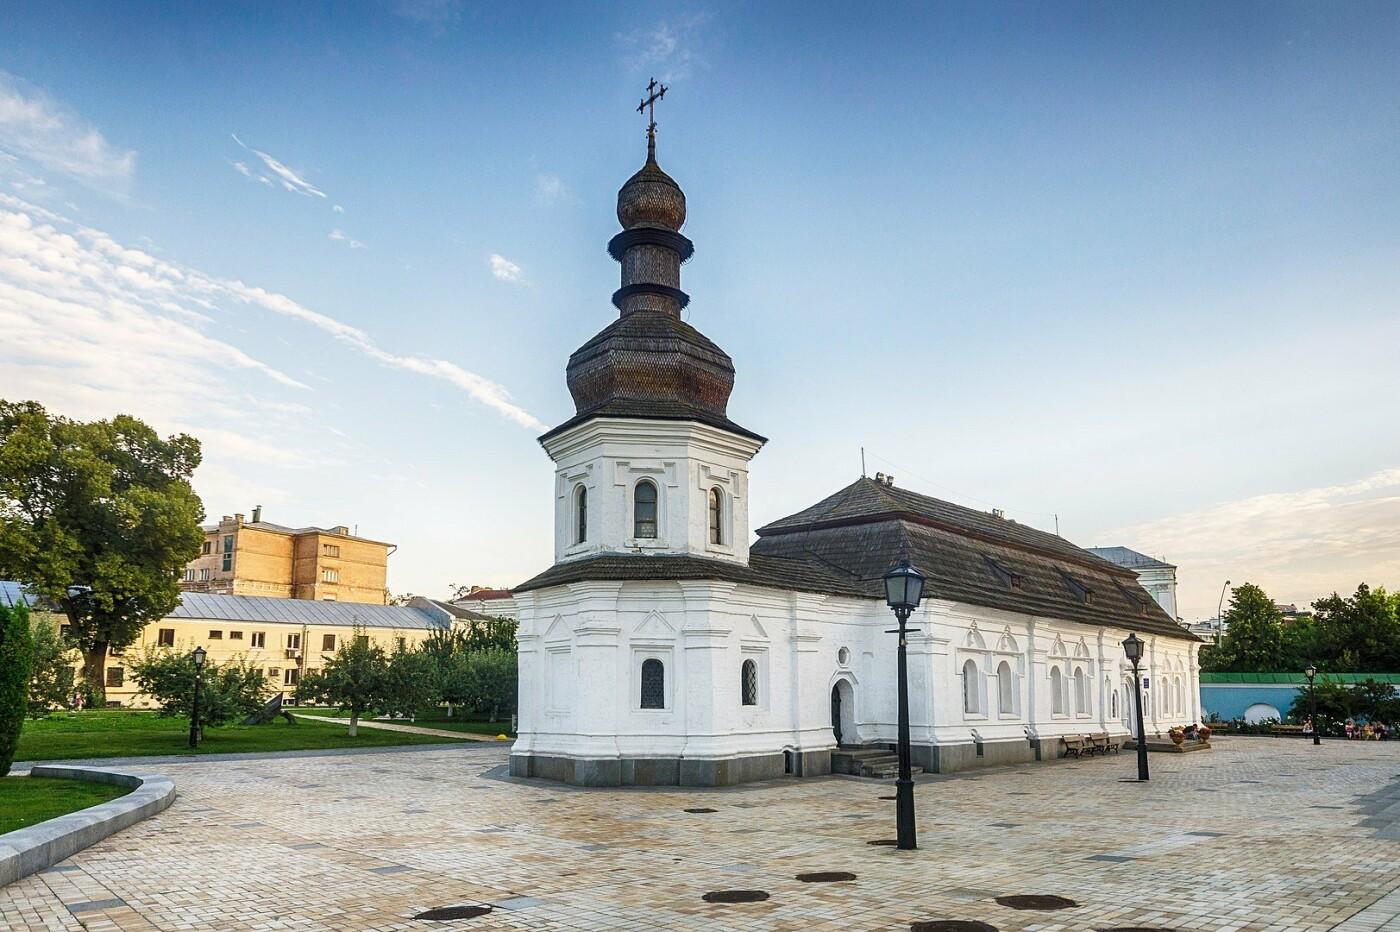 Трапезная Михайловского Златоверхого монастыря, Фото: Википедия